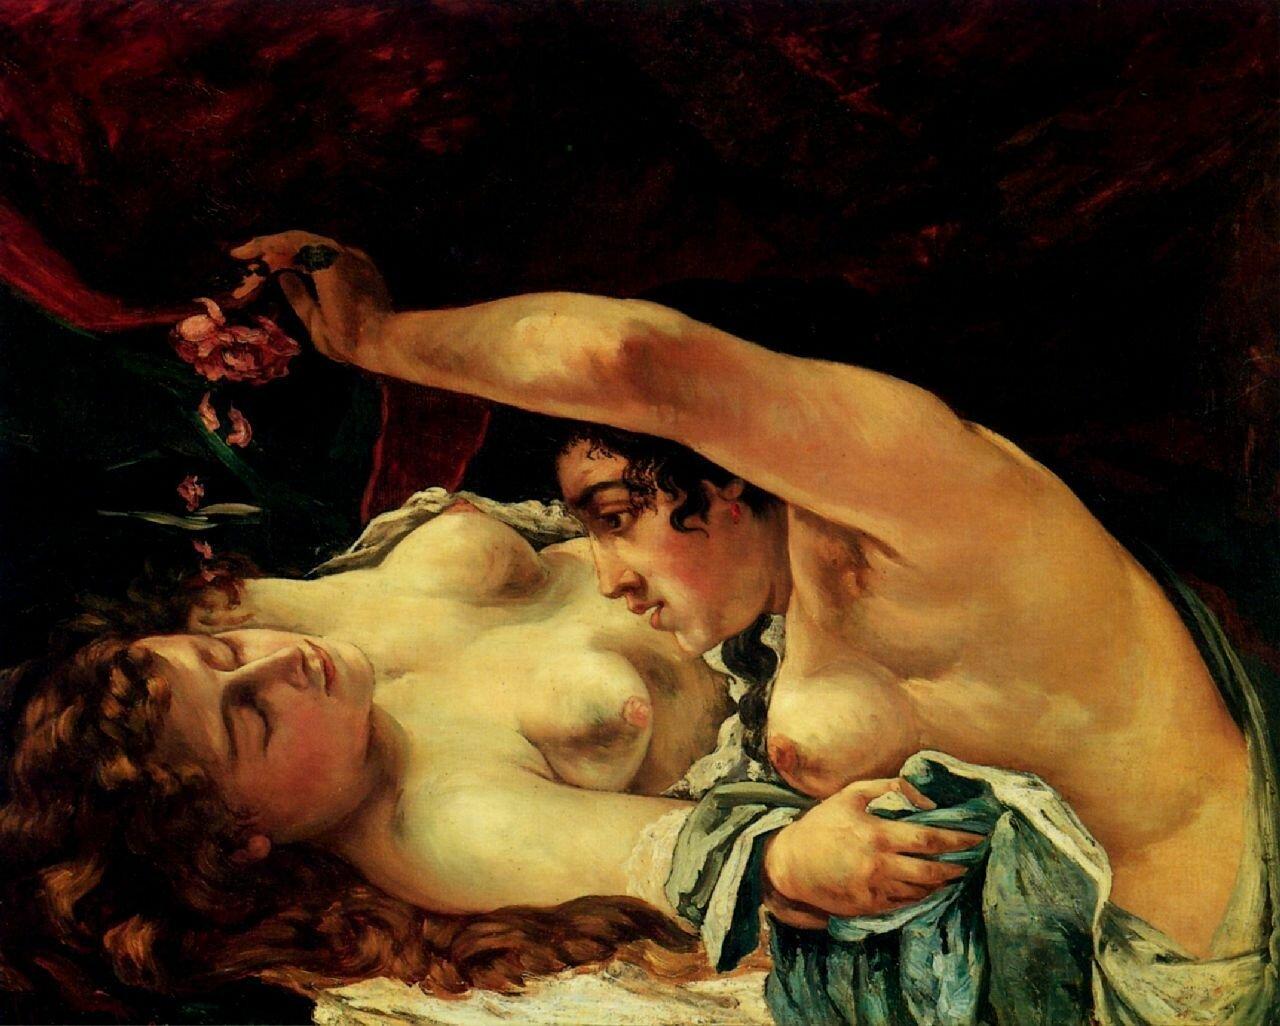 Эротическая живопись 18 19 в смотреть 12 фотография